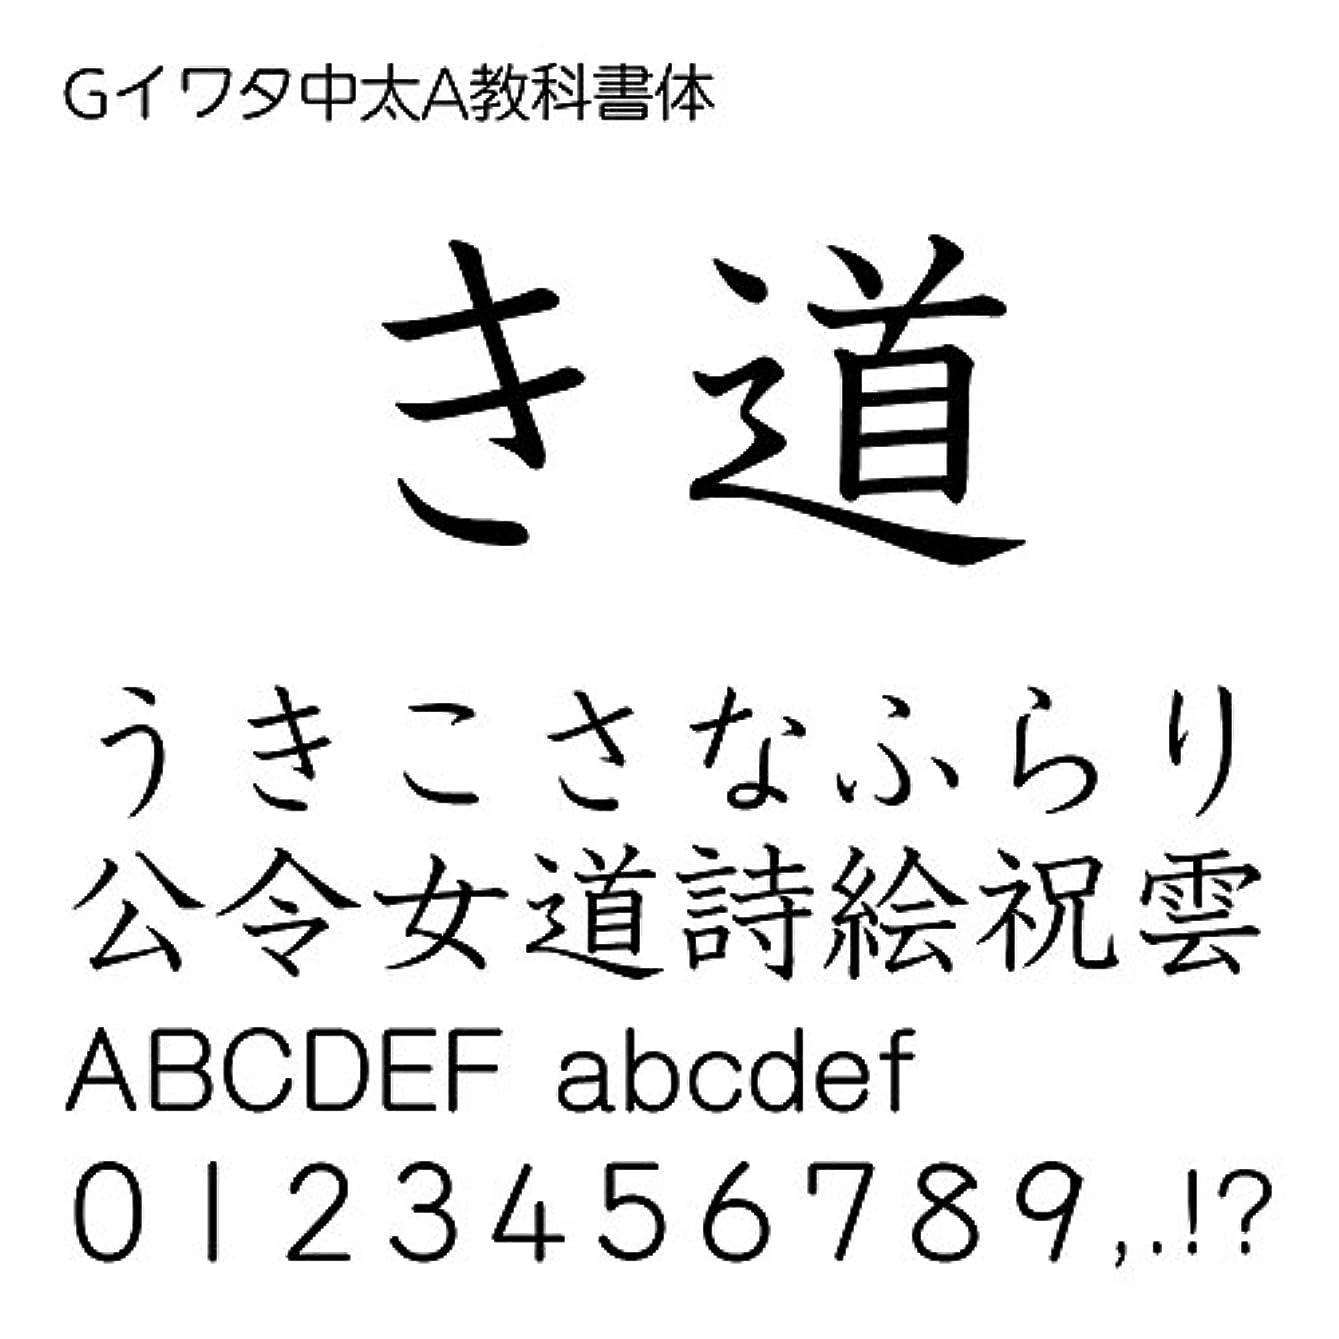 であるフクロウ哺乳類Gイワタ中太A教科書体 TrueType Font for Windows [ダウンロード]